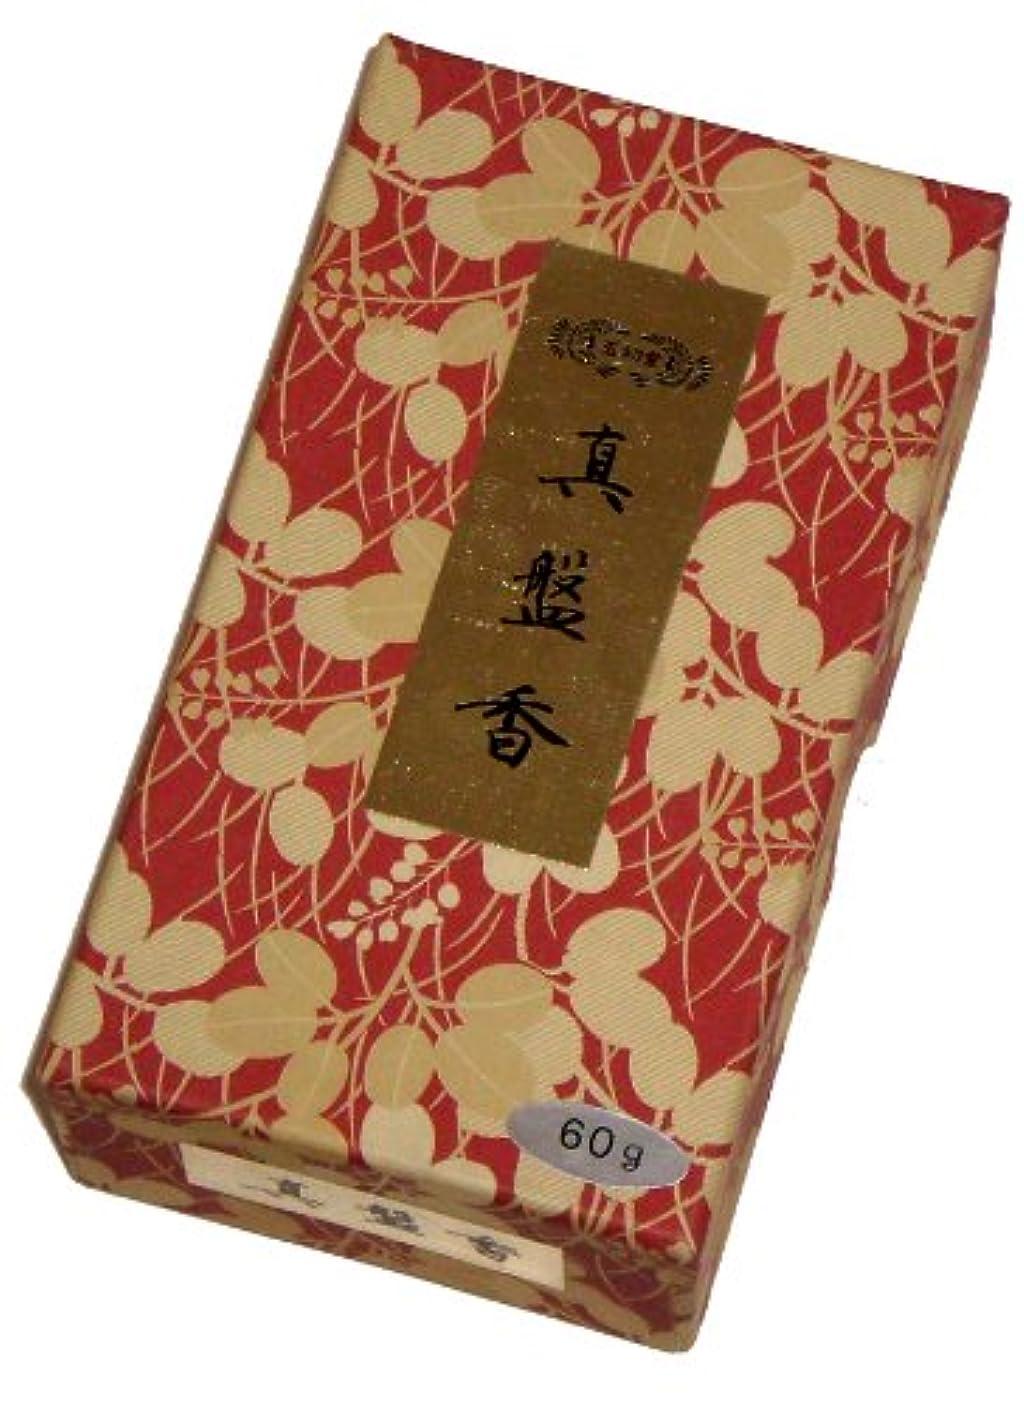 玉初堂のお香 真盤香 60g #614